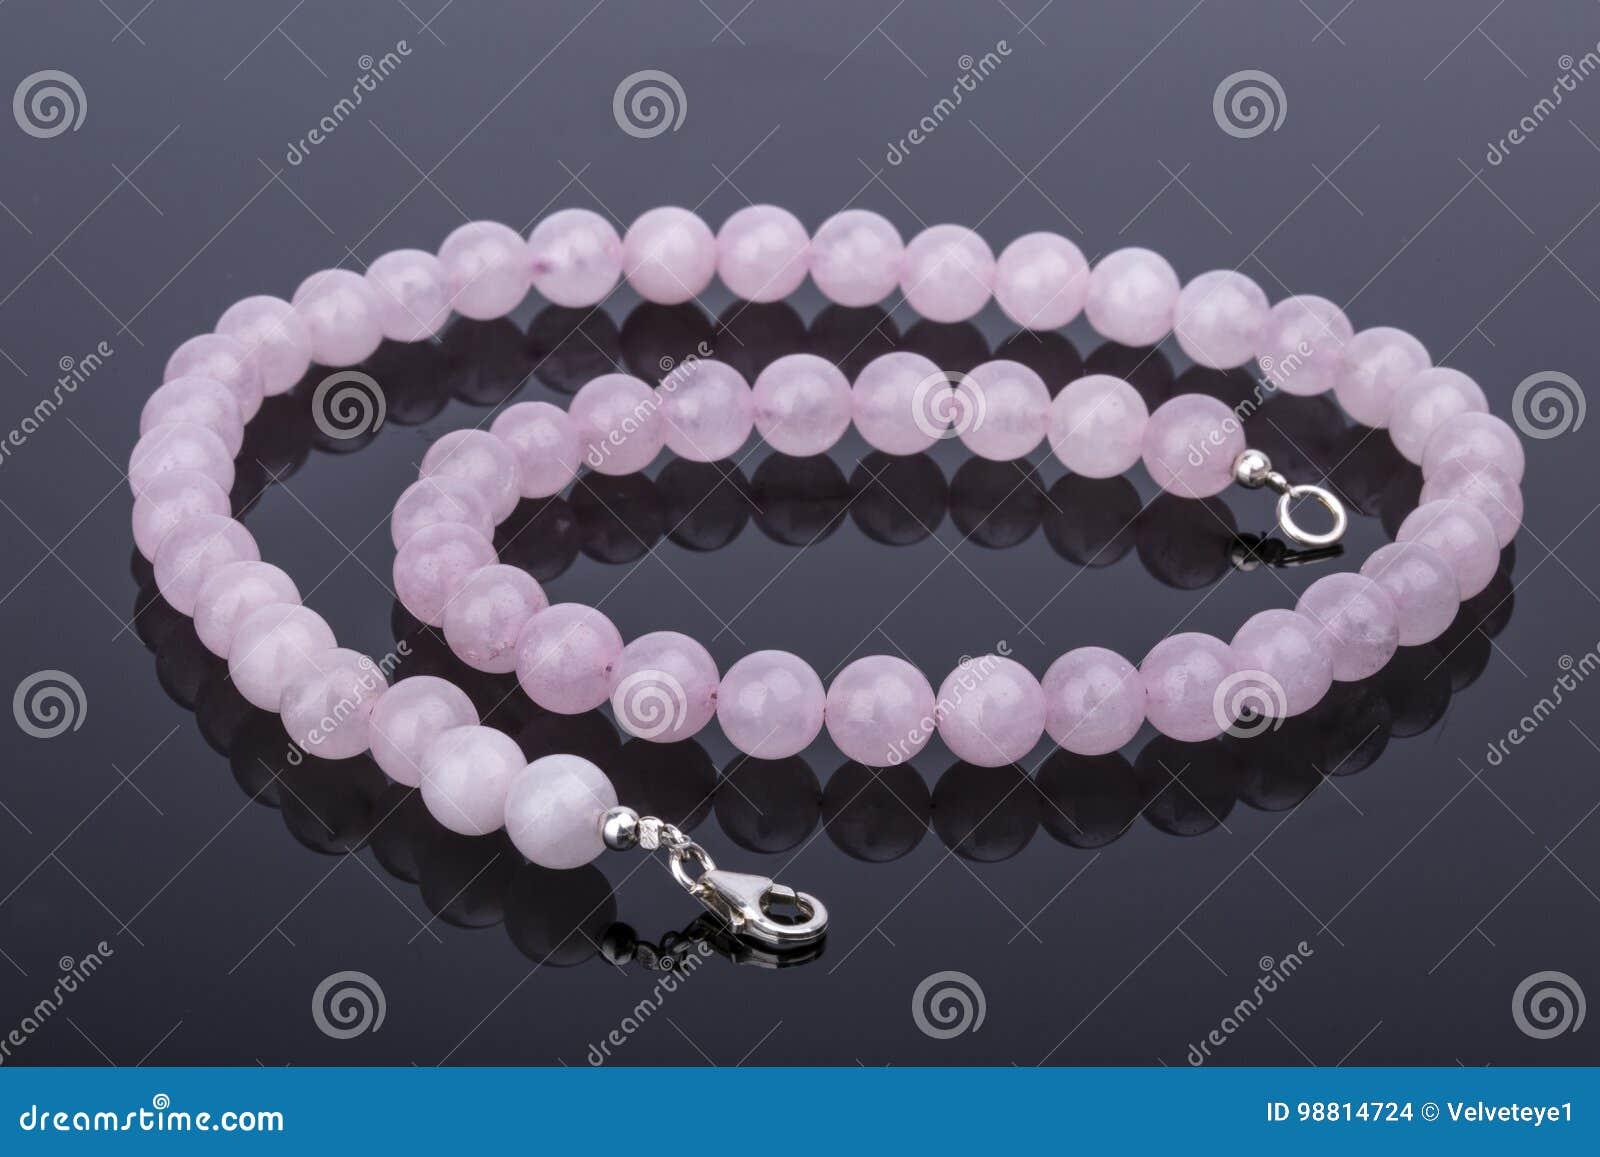 De parelhalsband van het mooie en luxe Roze Kwarts op weerspiegelend